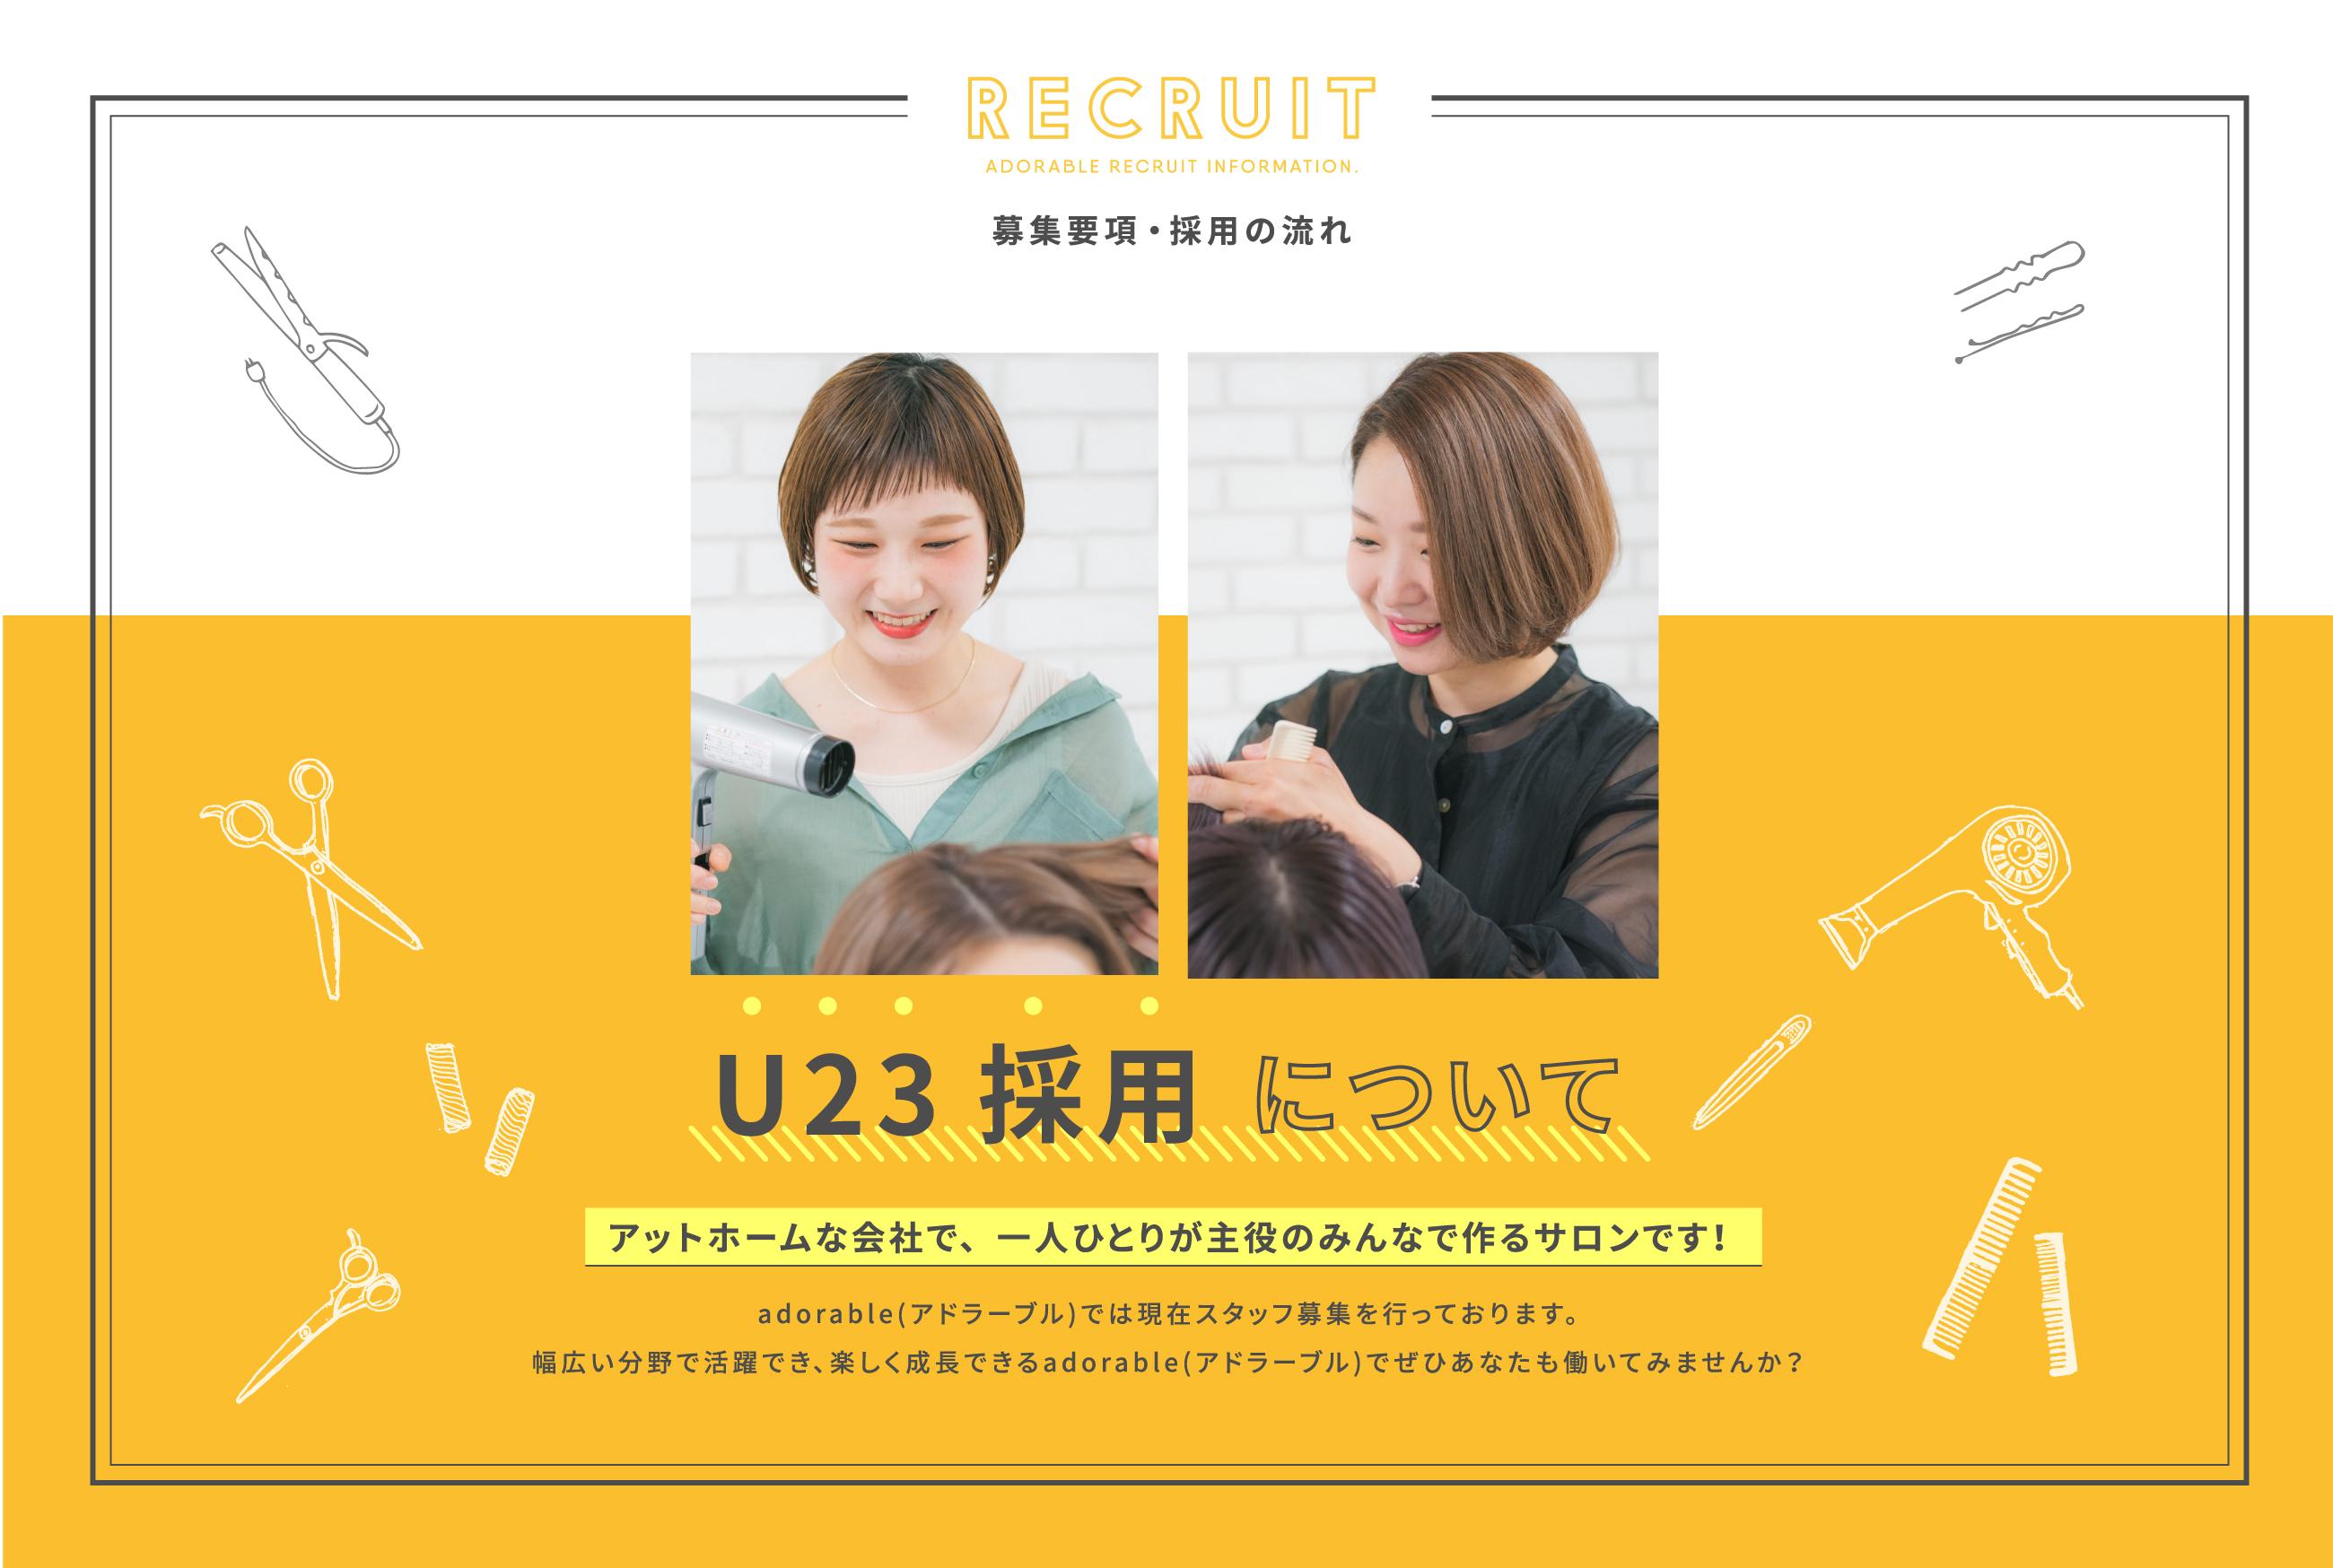 U23採用について